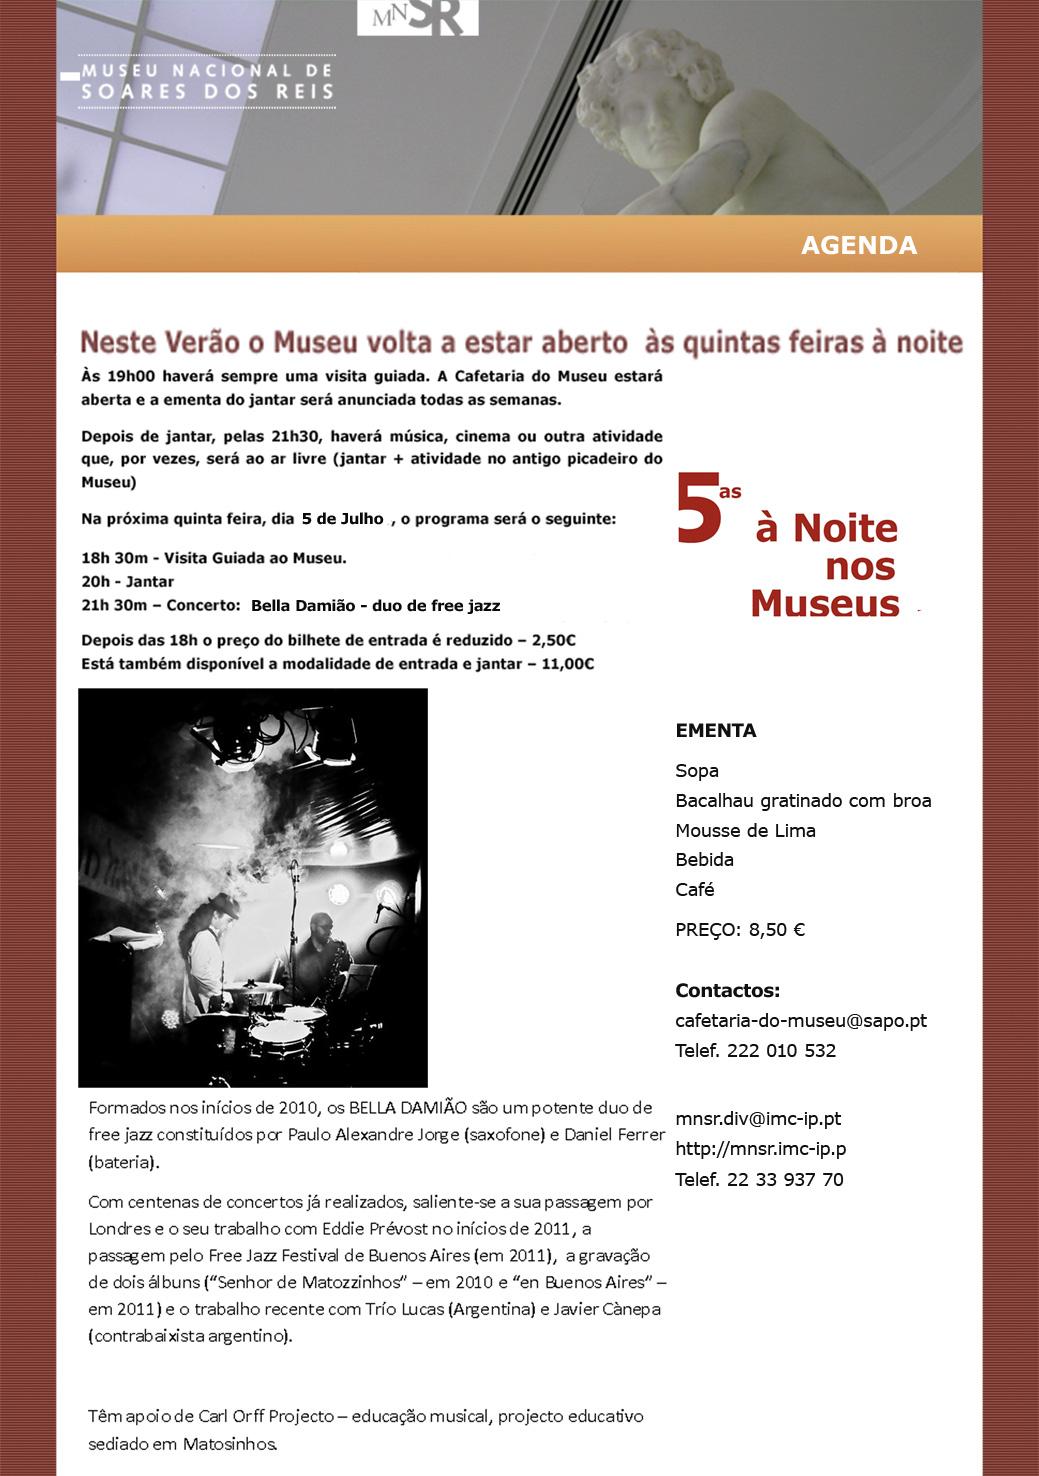 quintas_a_noite